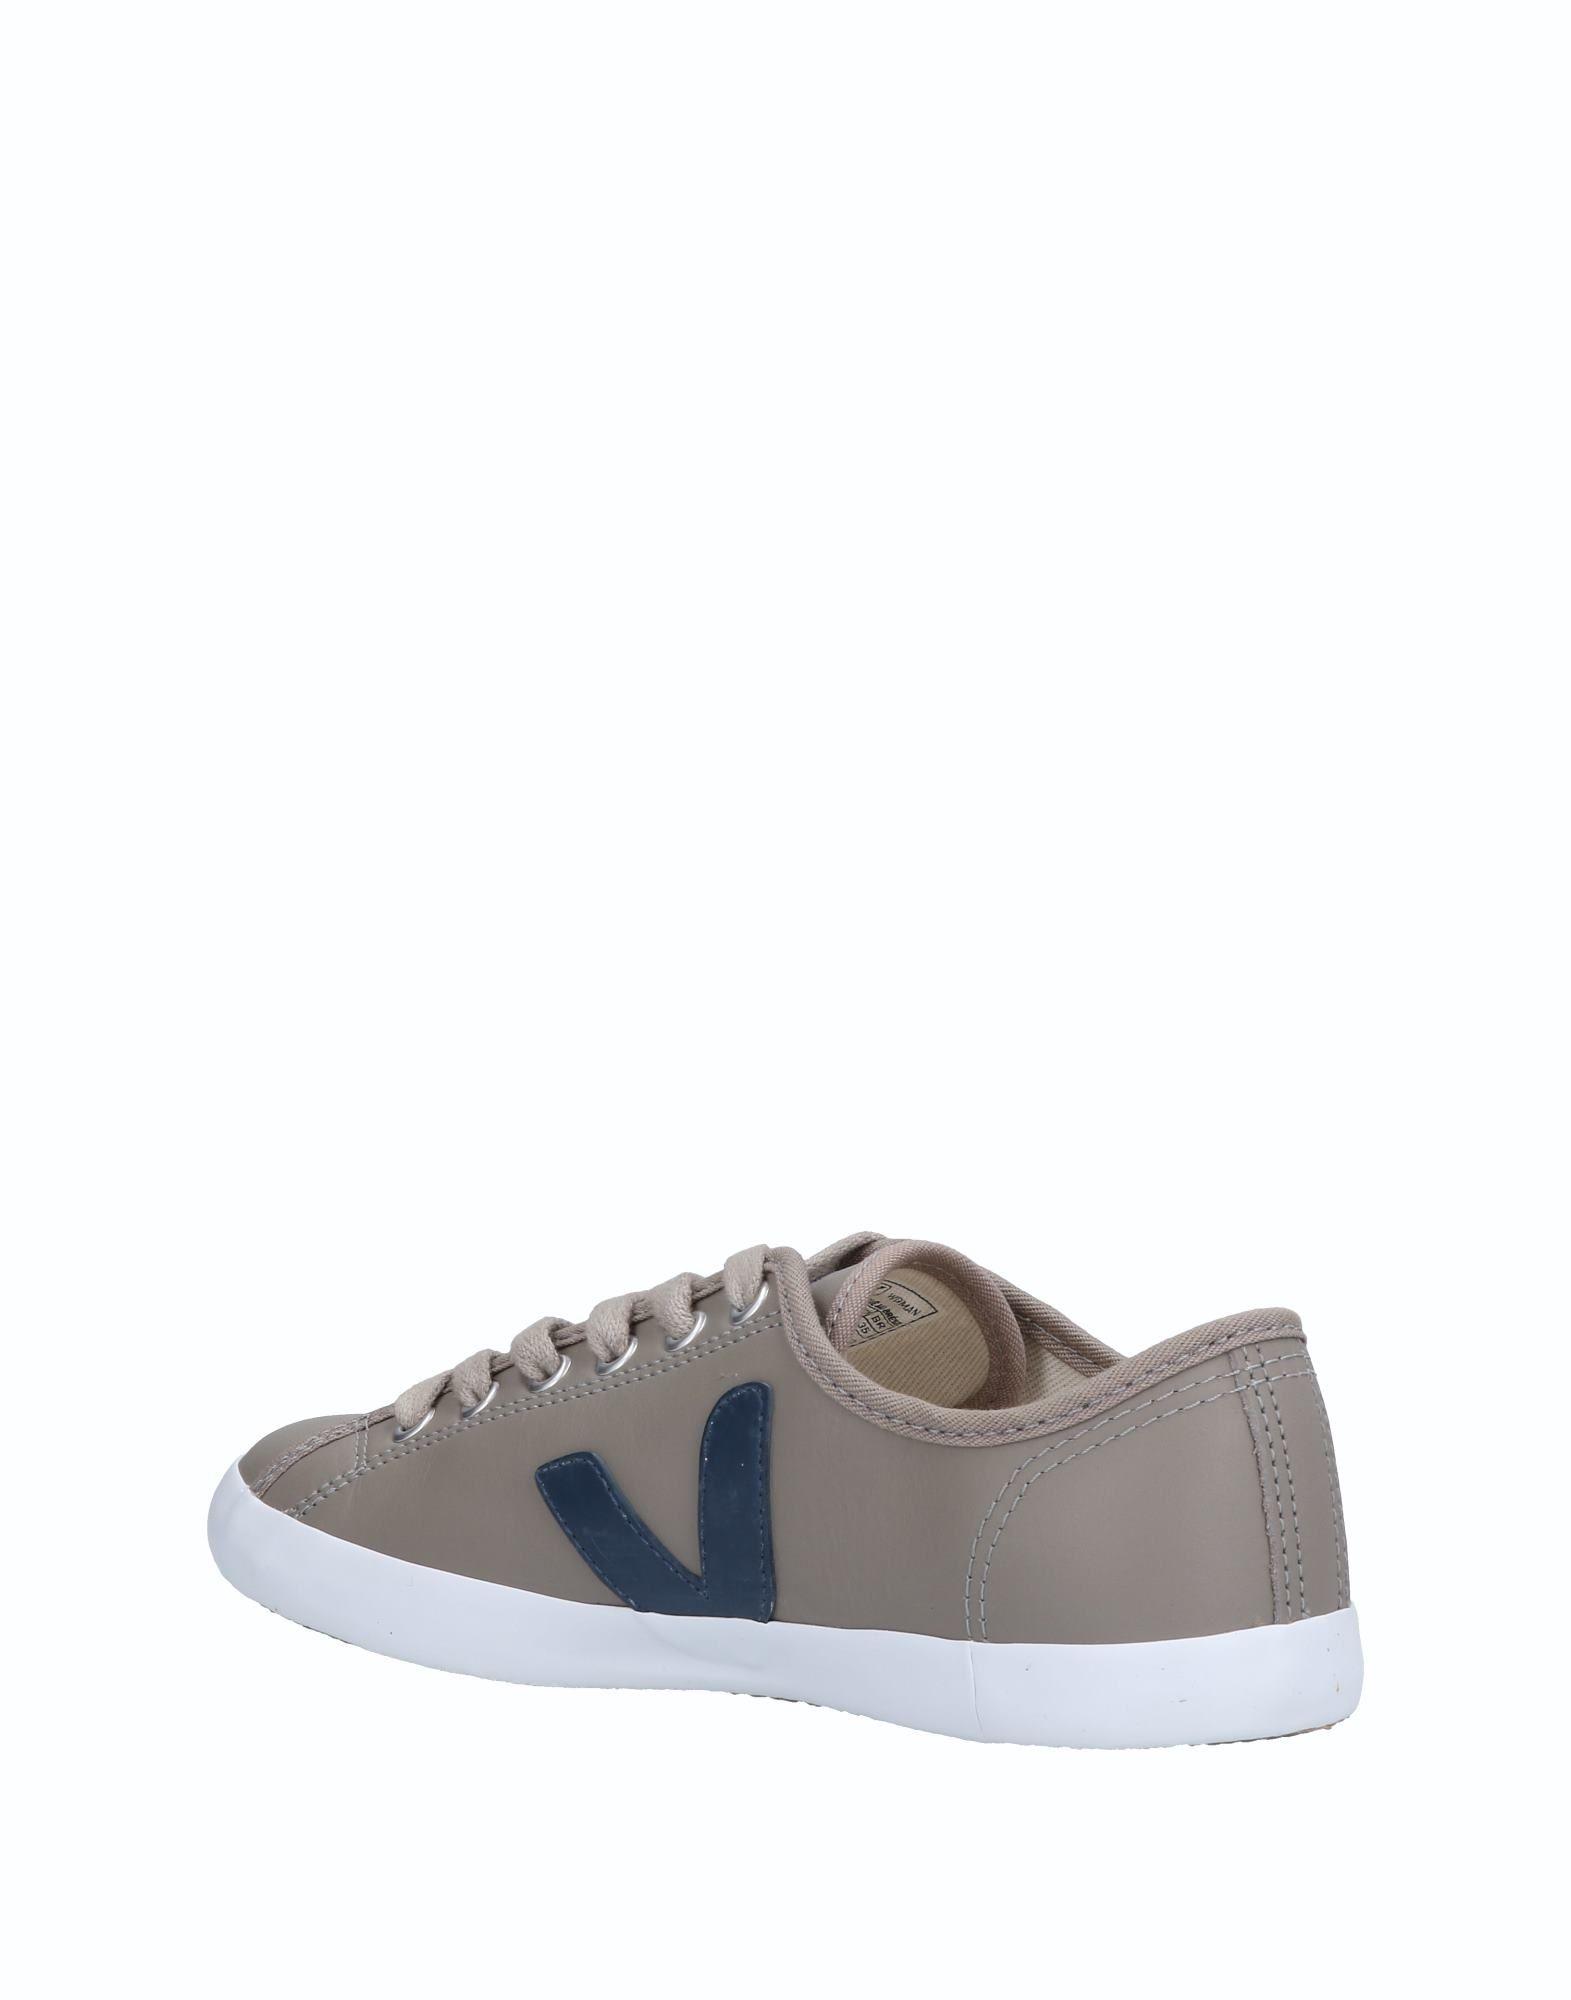 Veja Sneakers Damen  11500894DP Gute Qualität beliebte Schuhe